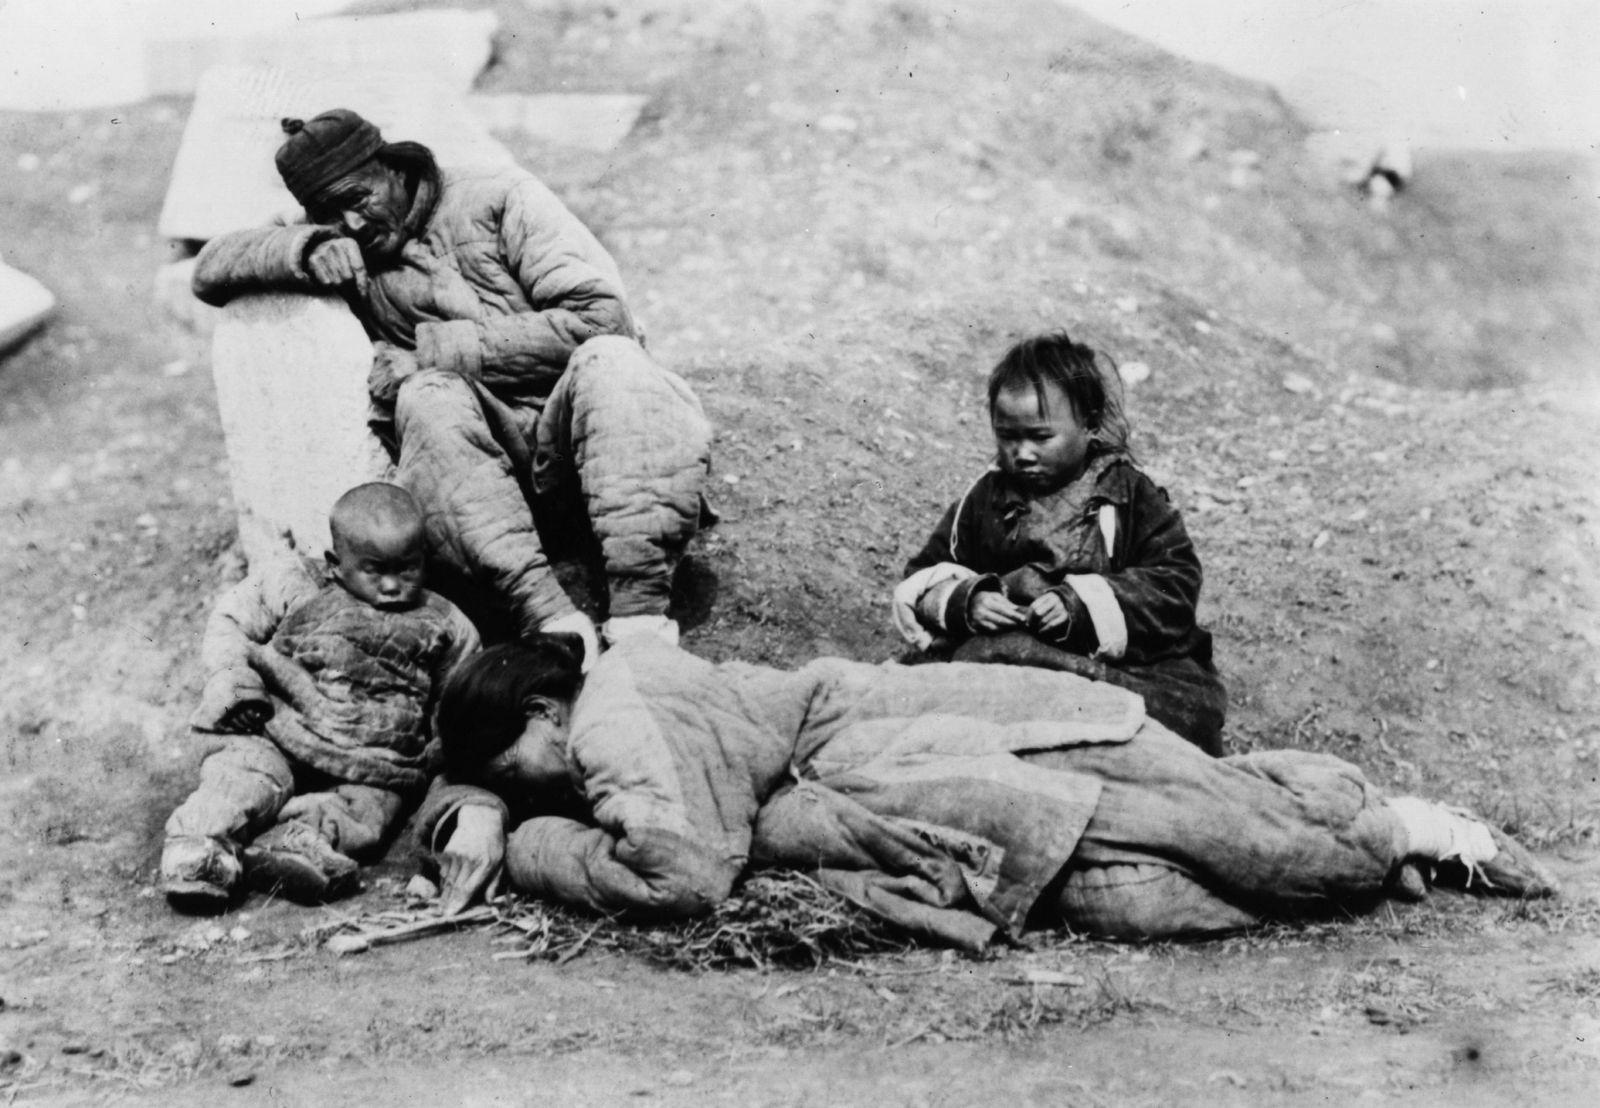 Maos Spatzenkrieg - Famine